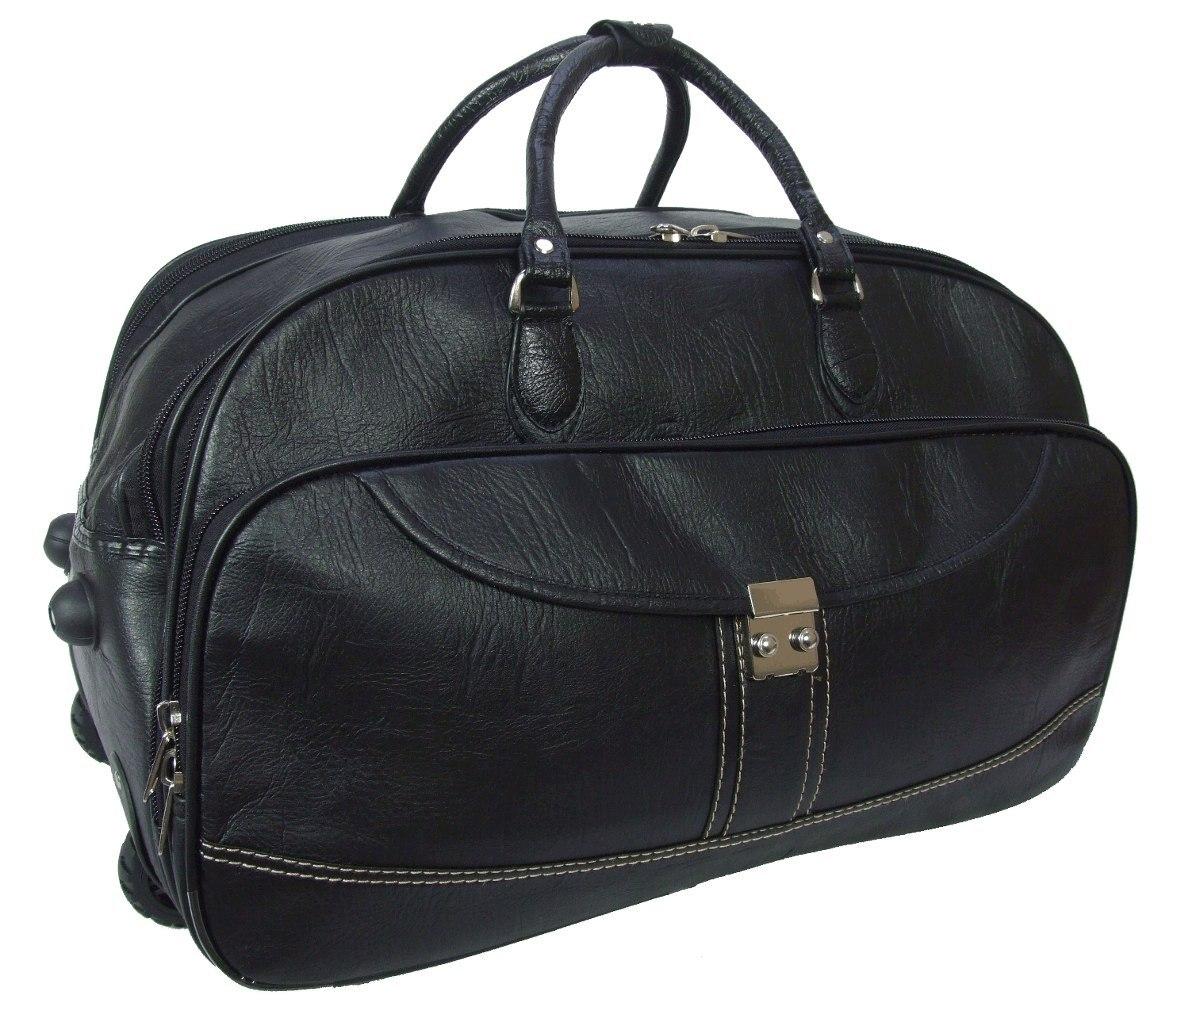 Bolsa De Viagem Feminina Grande : Kit bolsa feminina e mala grande viagem c rodinhas